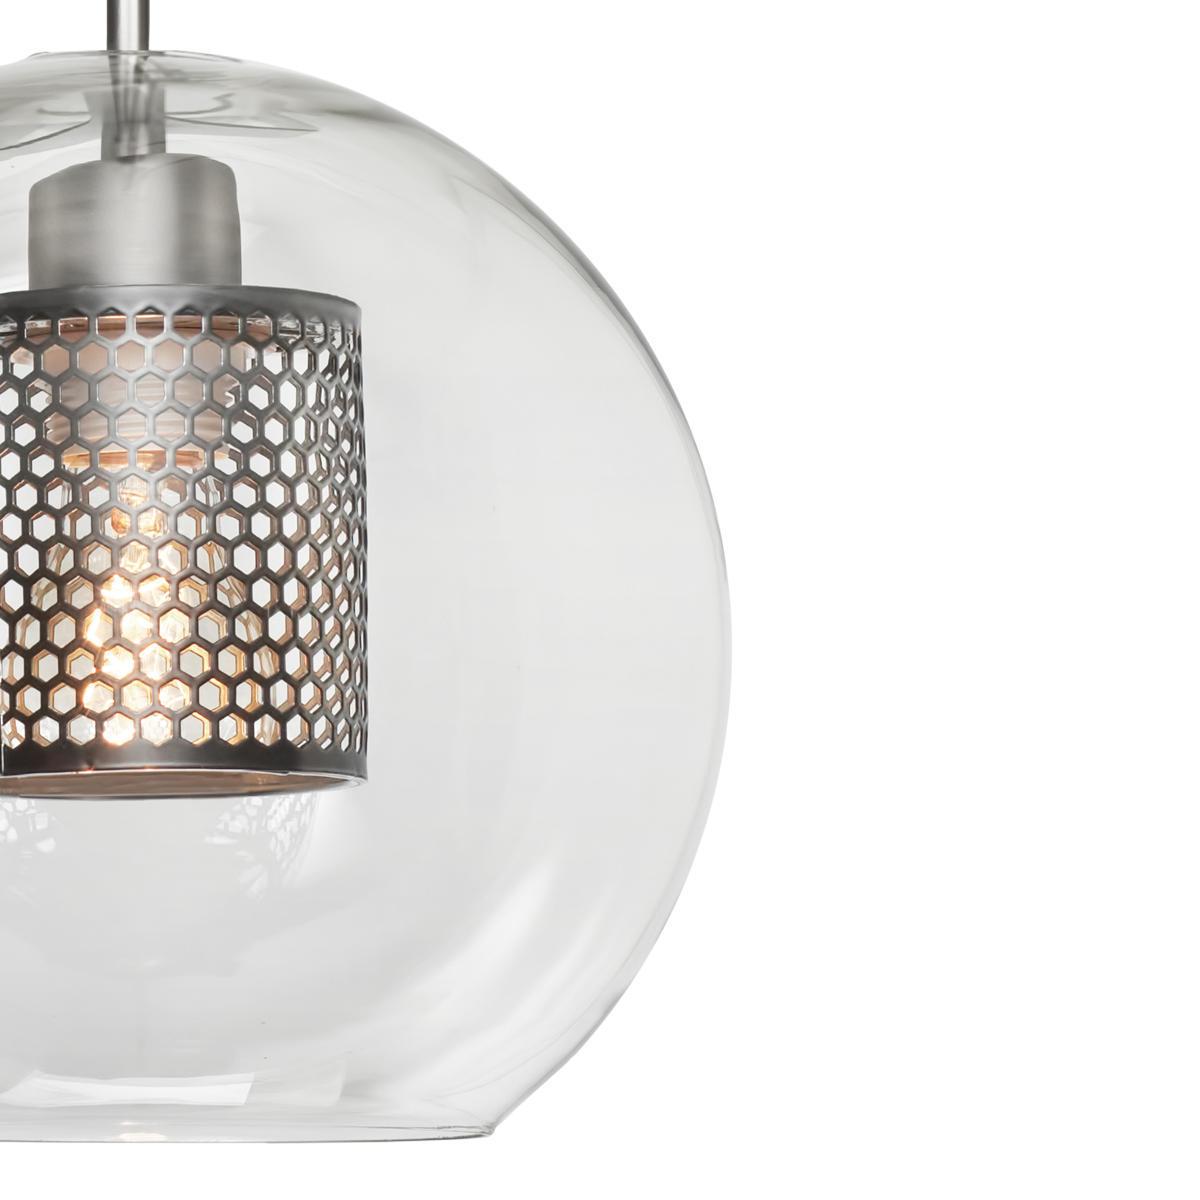 Подвесной светильник Loft It Hexagon LOFT2567-B, 1xE27x60W, никель, никель с прозрачным, металл, стекло с металлом - фото 2